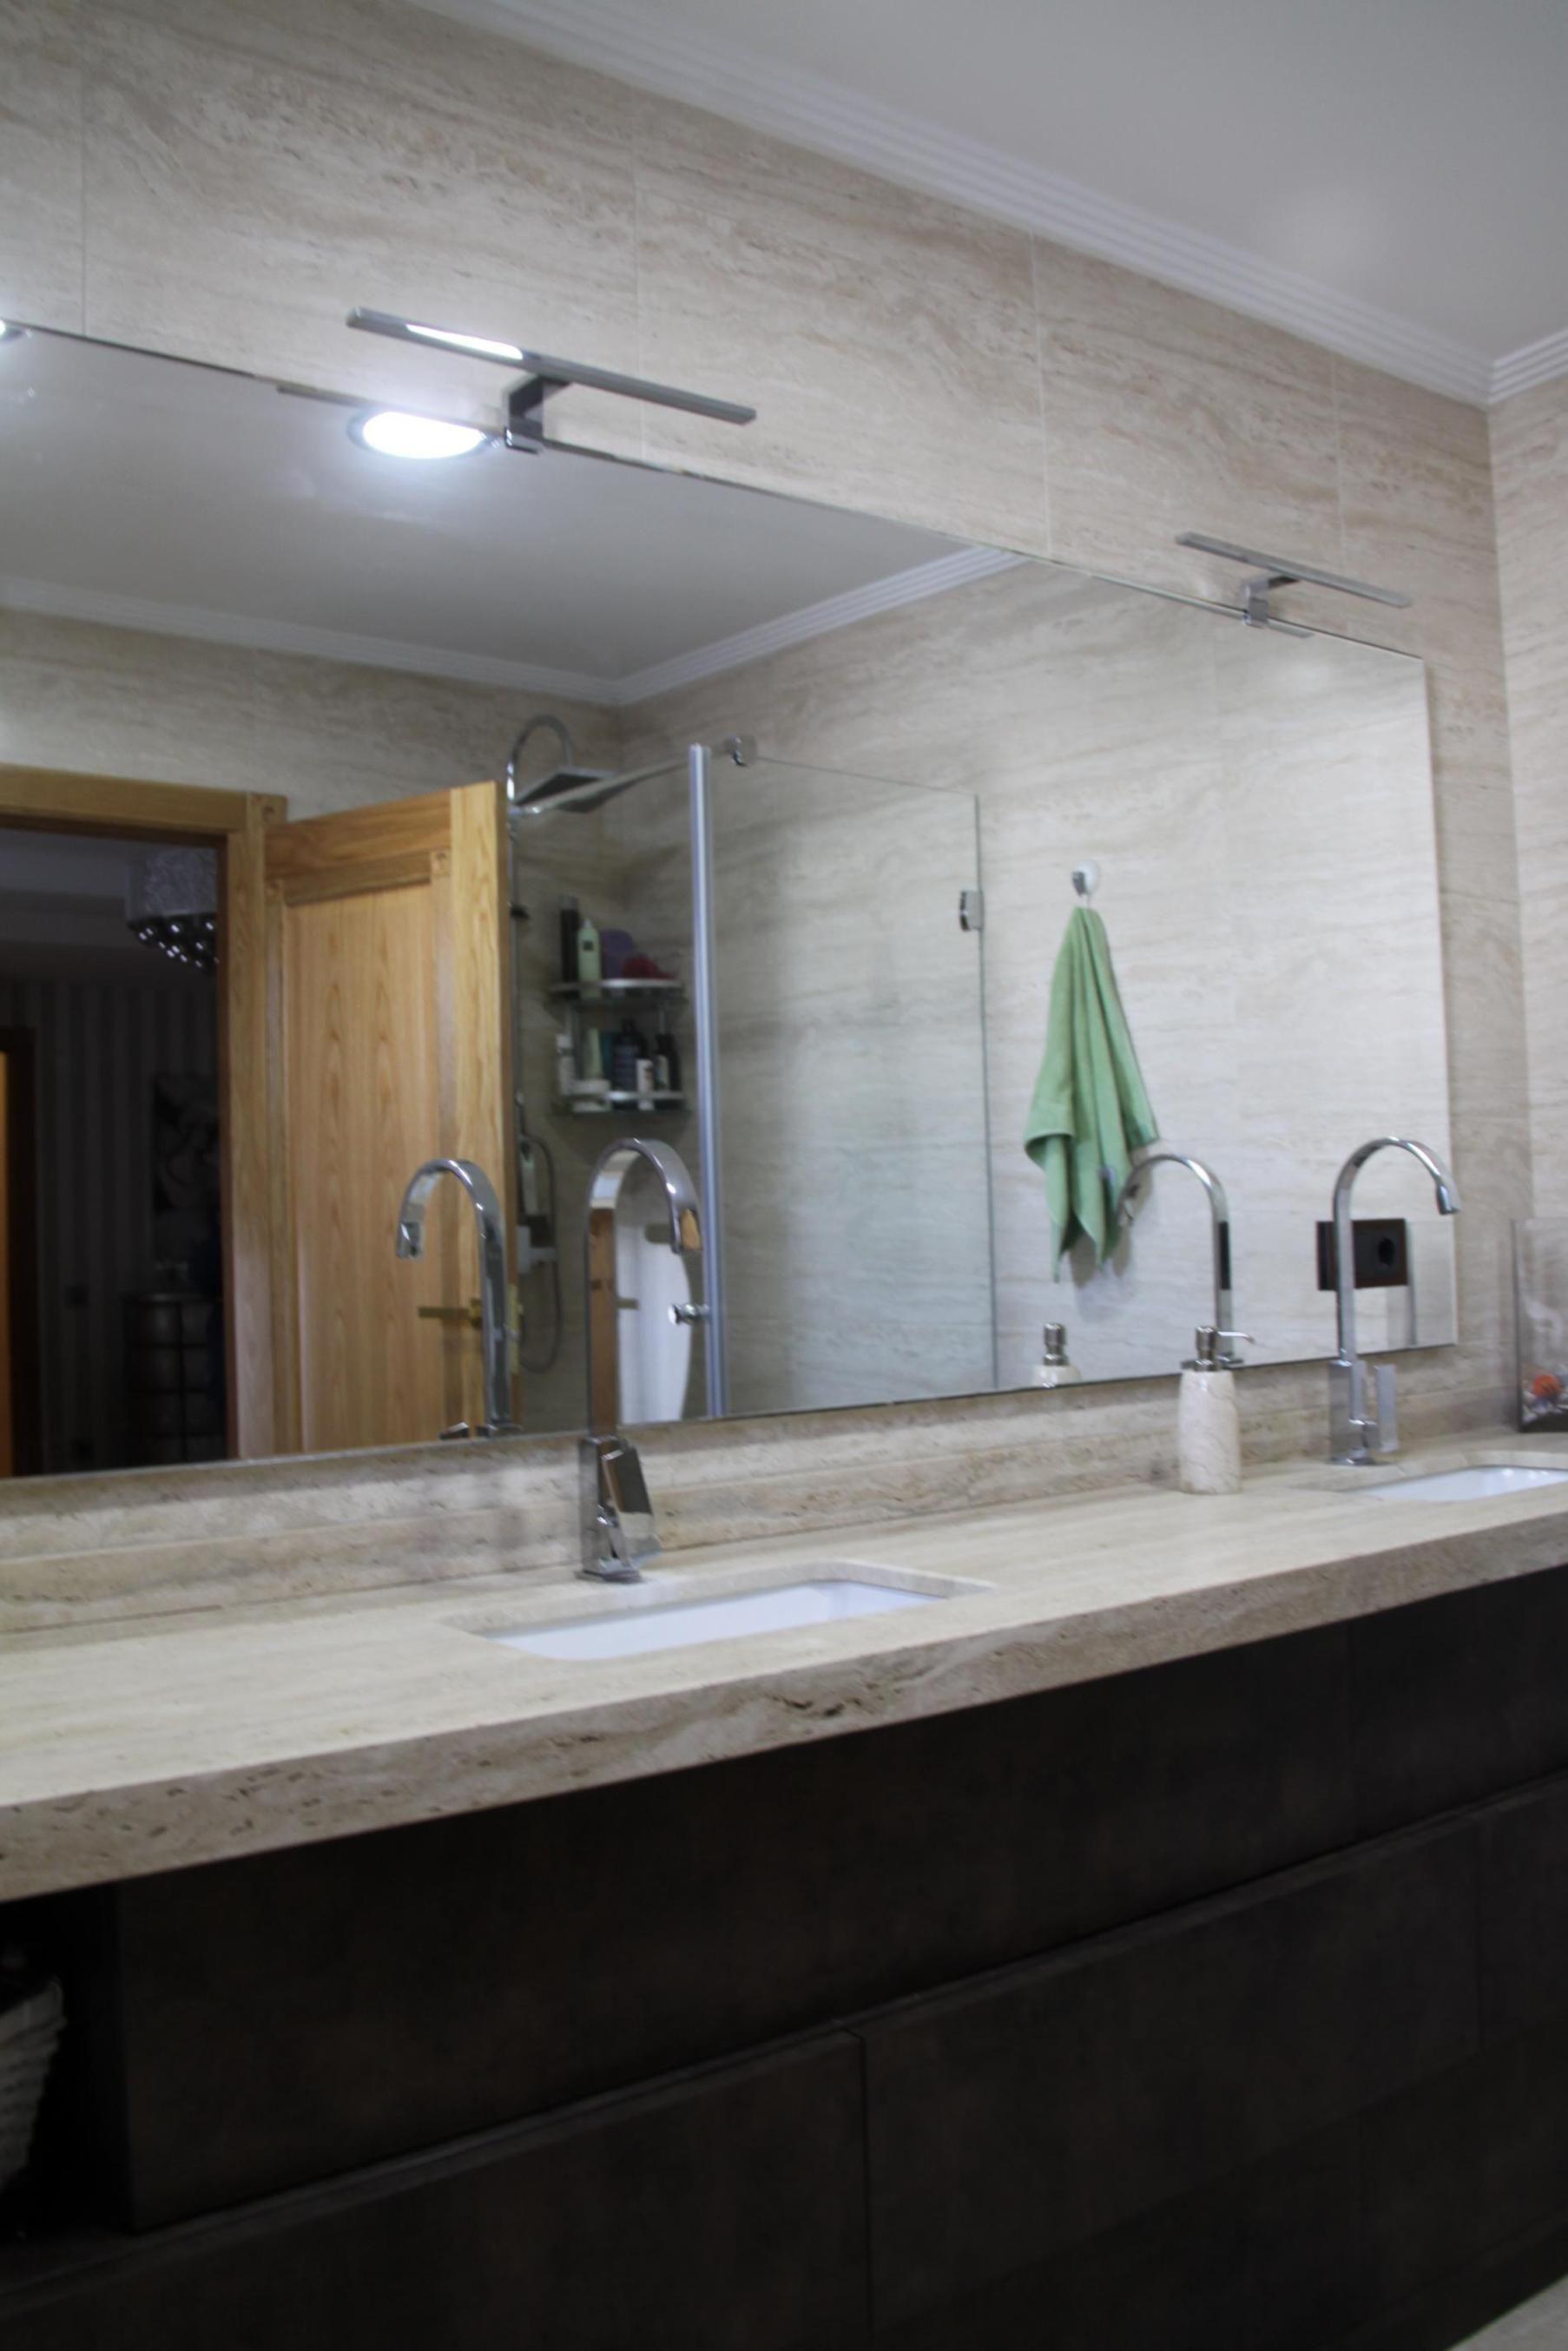 Baño en melamina decorativa con cajones Antaro sin tiradores, de ...